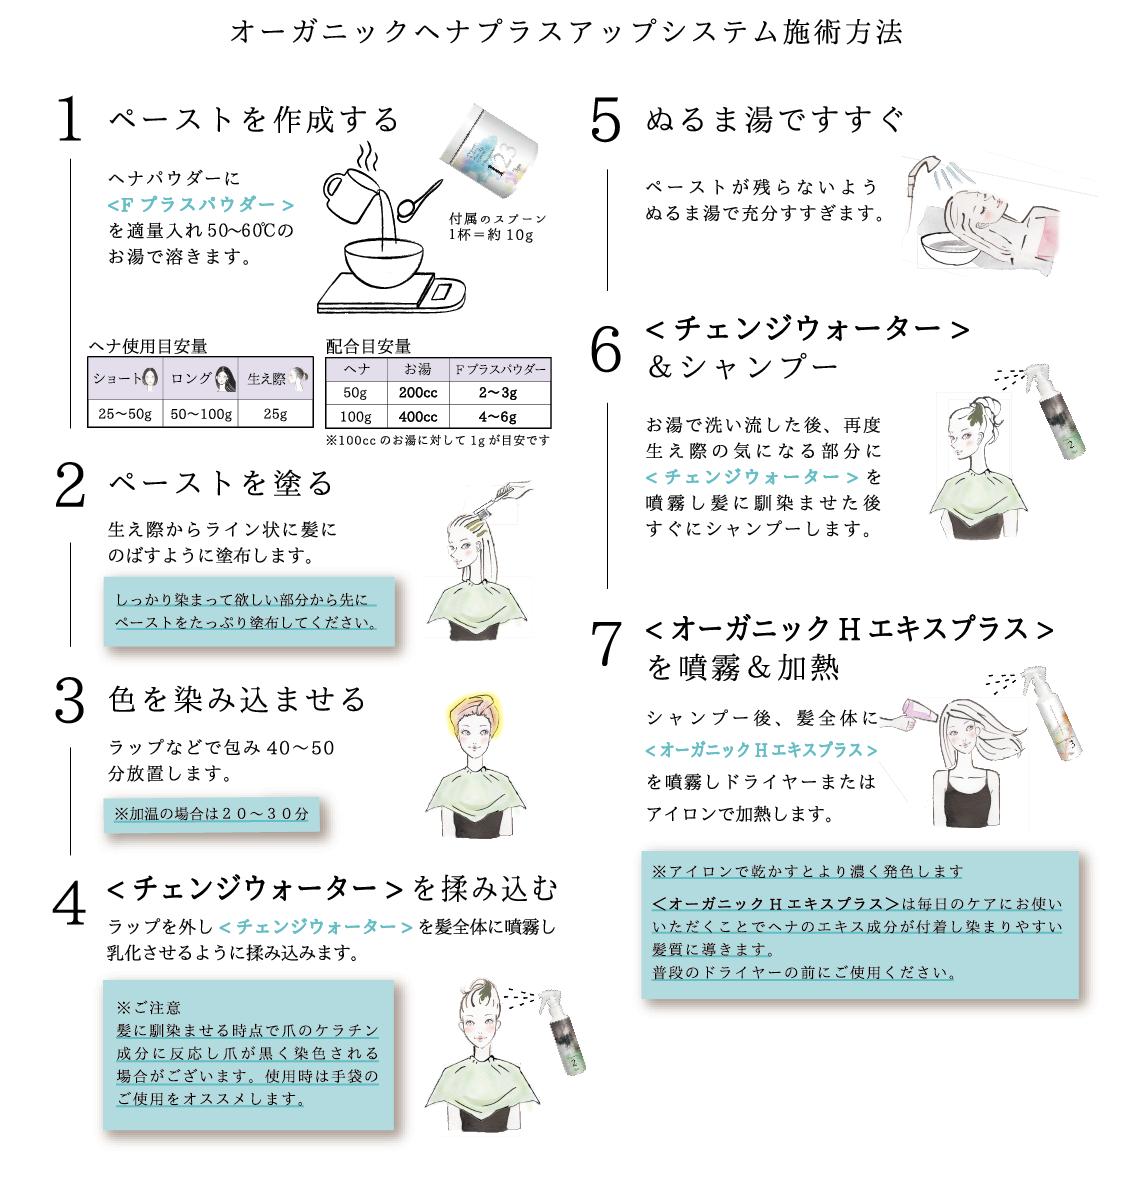 オーガニックヘナプラスアップシステム施術方法